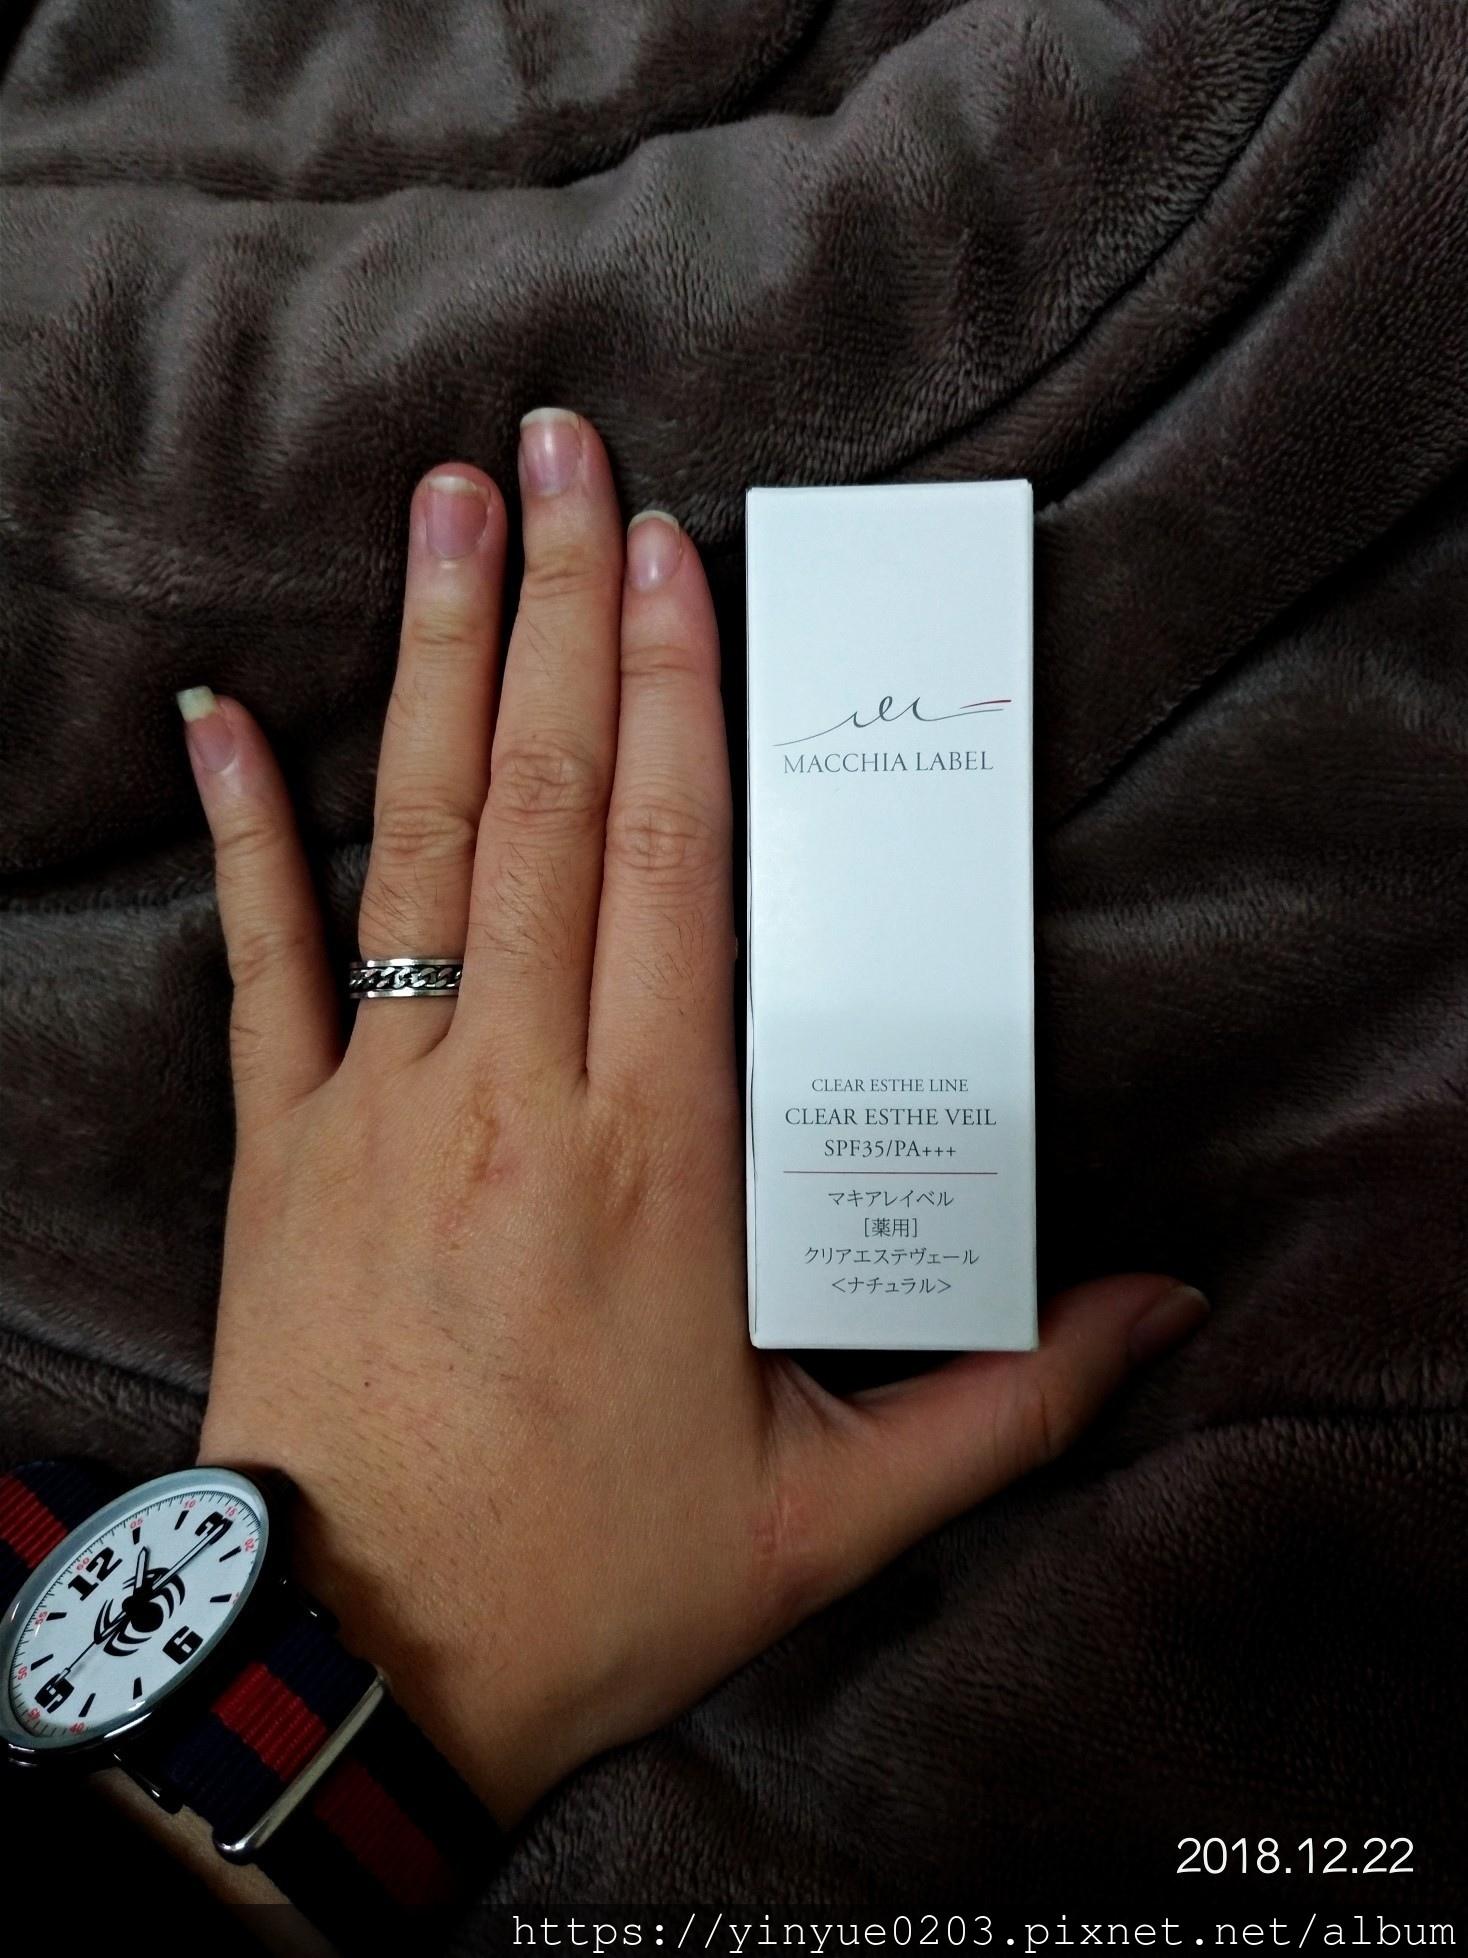 瑪珂蕾貝-潤澤透顏持妝精華粉底盒裝外觀